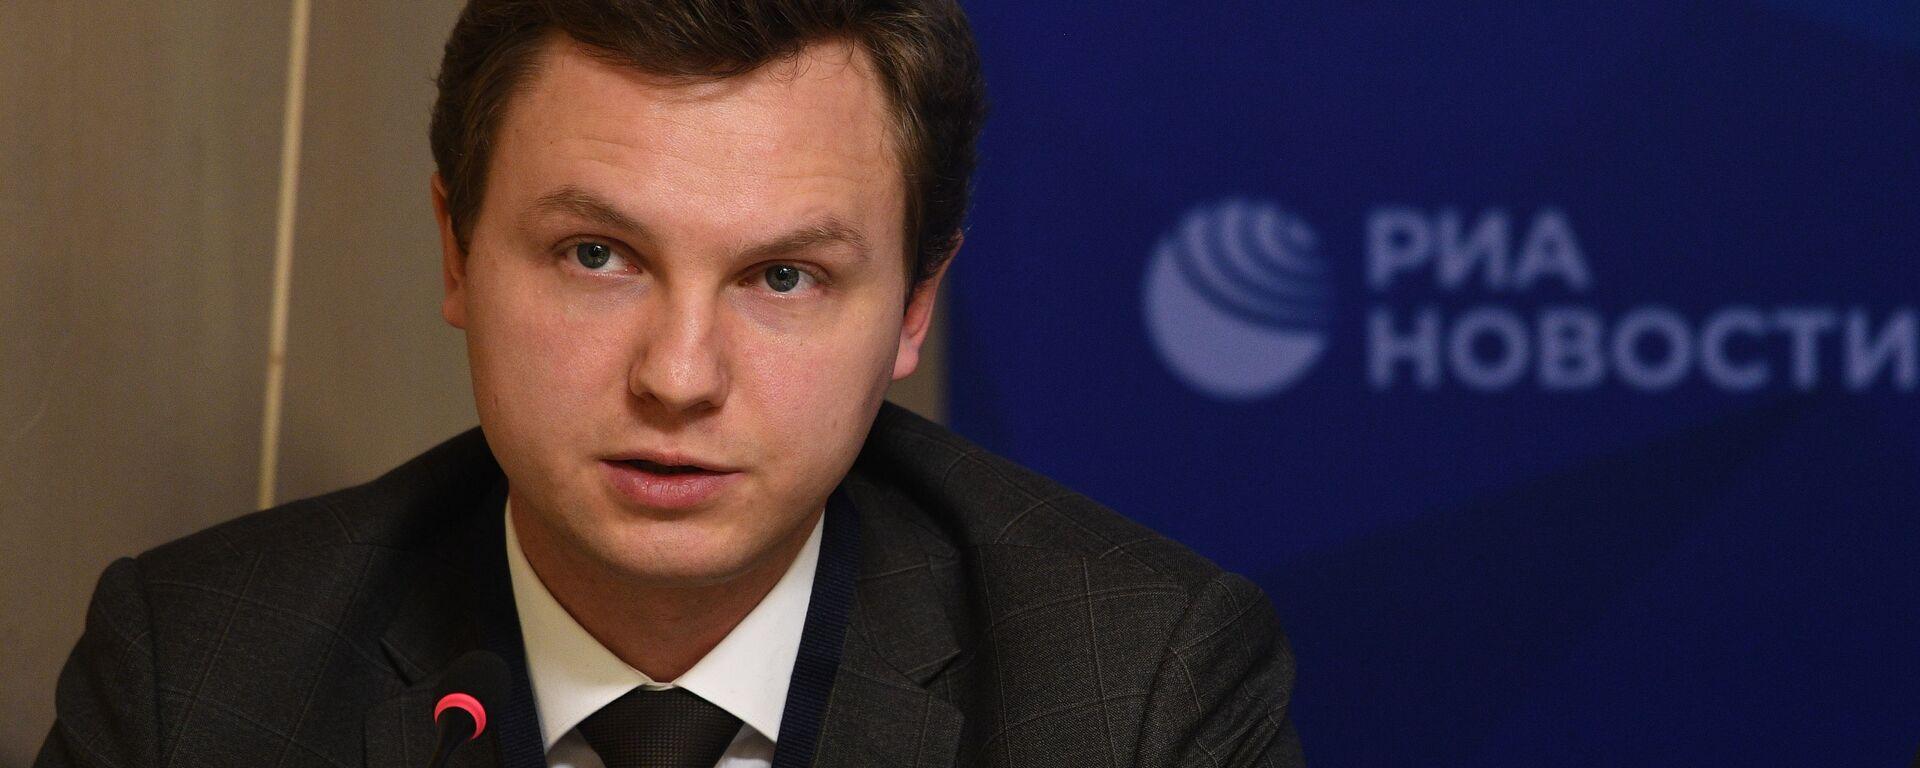 Ведущий аналитик Фонда национальной энергетической безопасности Игорь Юшков - Sputnik Латвия, 1920, 02.04.2021